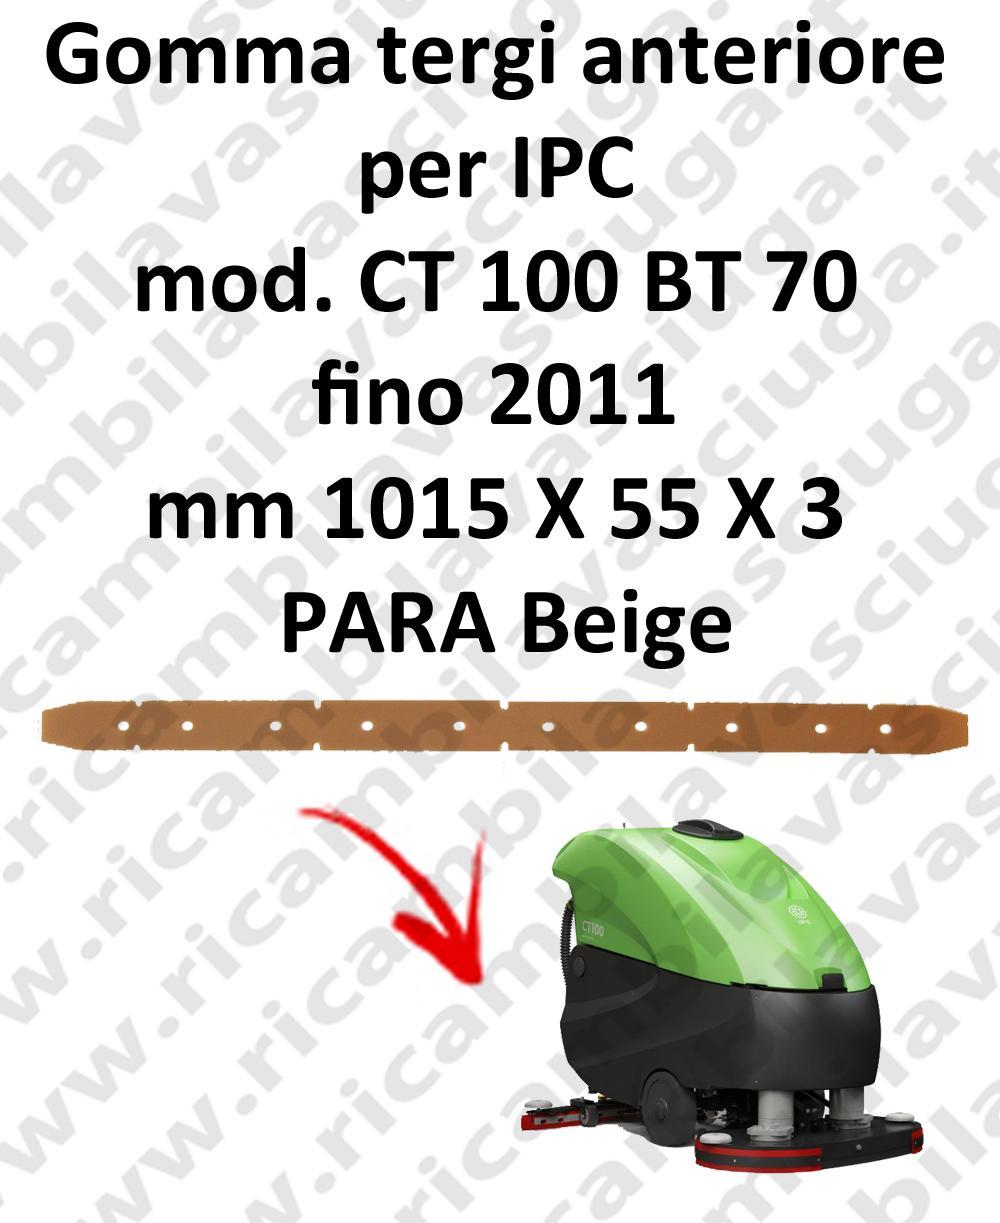 CT 100 BT 70 fino 2011 - GOMMA TERGI anteriore per lavapavimenti IPC